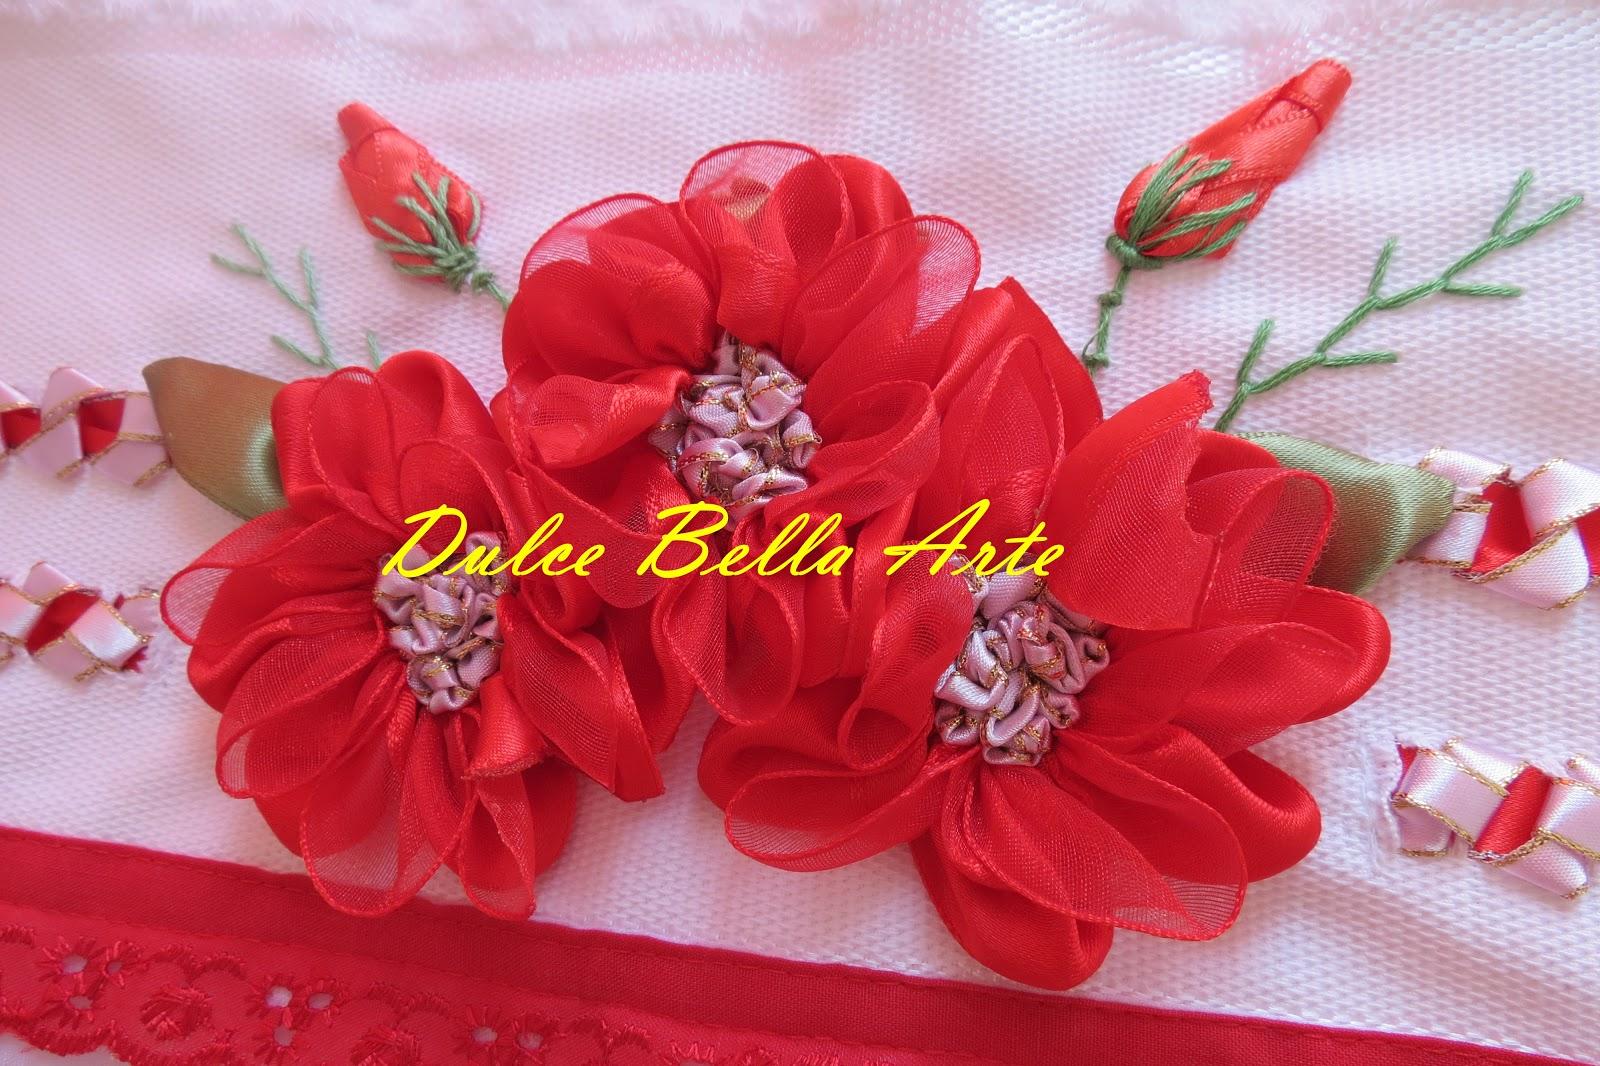 : Lindas toalhas de banho bordadas com flores e trançados em fitas